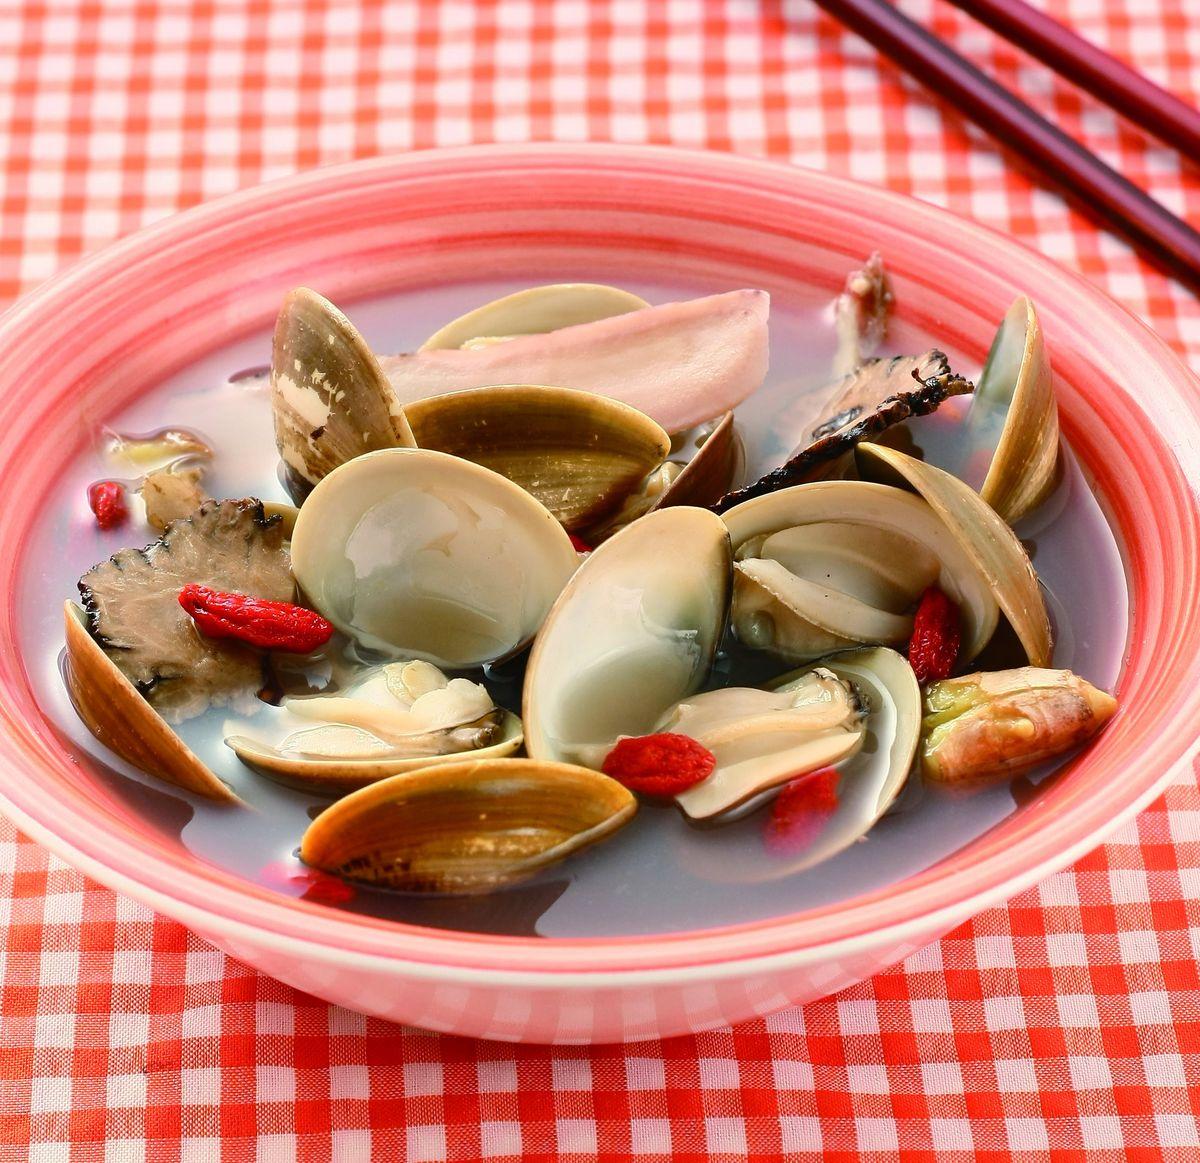 食譜:燒酒蛤蜊